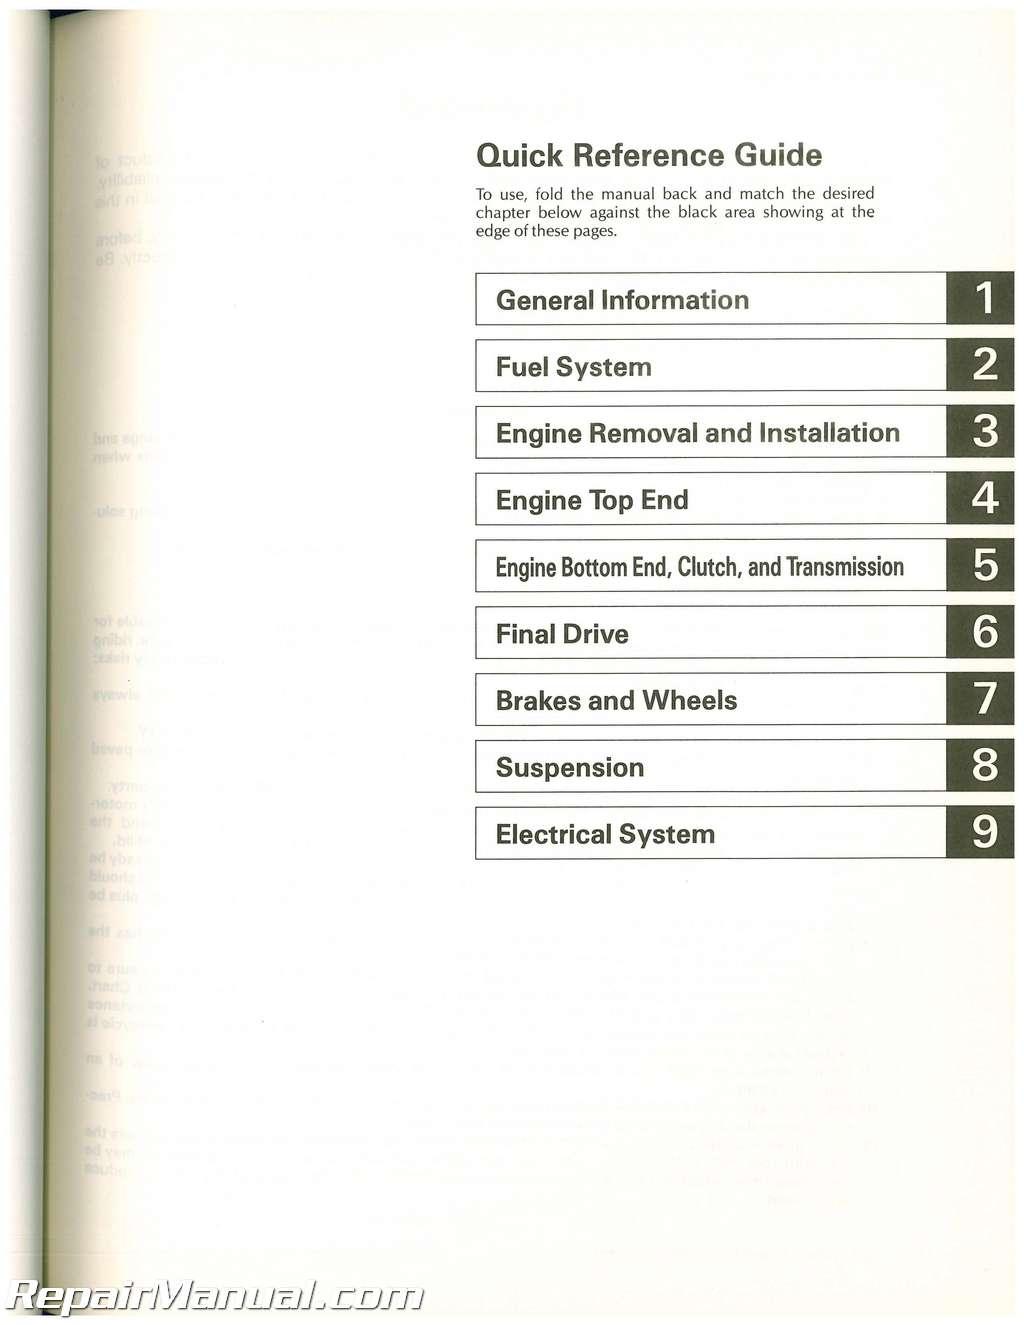 19841988 Kawasaki KDX80 Motorcycle Owners Service Manual